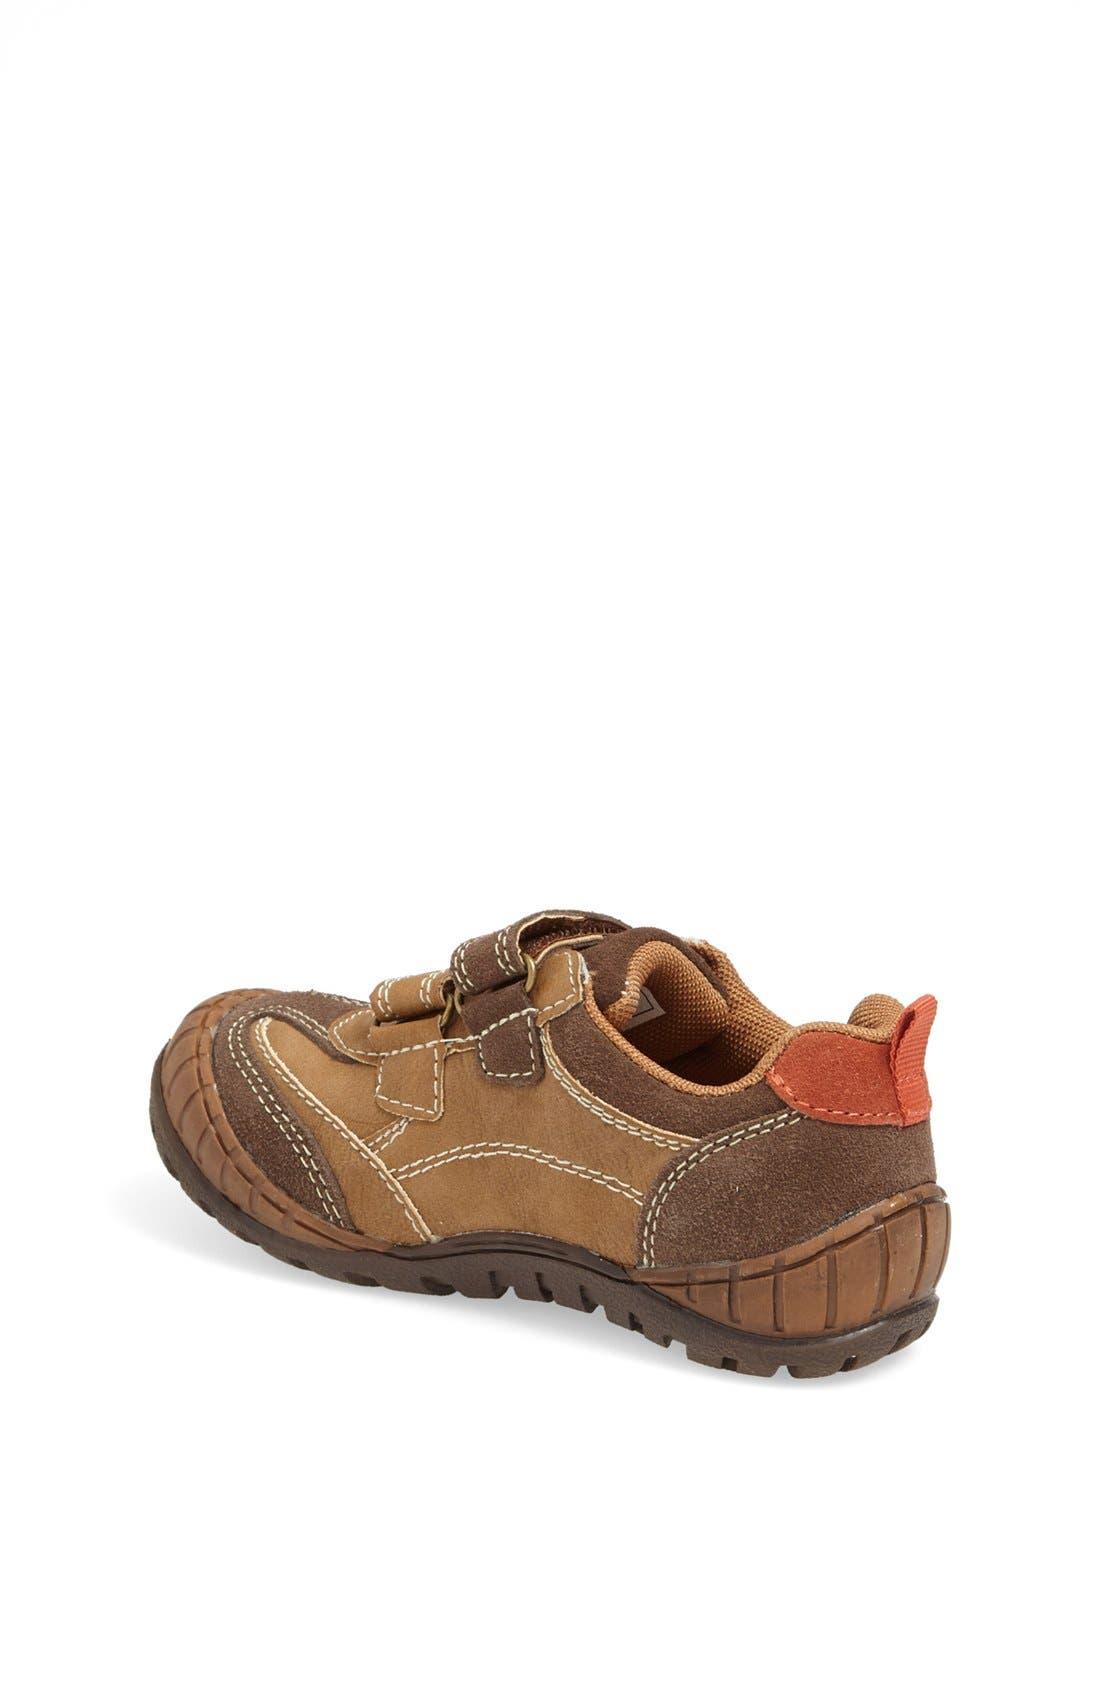 Alternate Image 2  - Jumping Jacks 'Mack' Sneaker (Toddler & Little Kid)